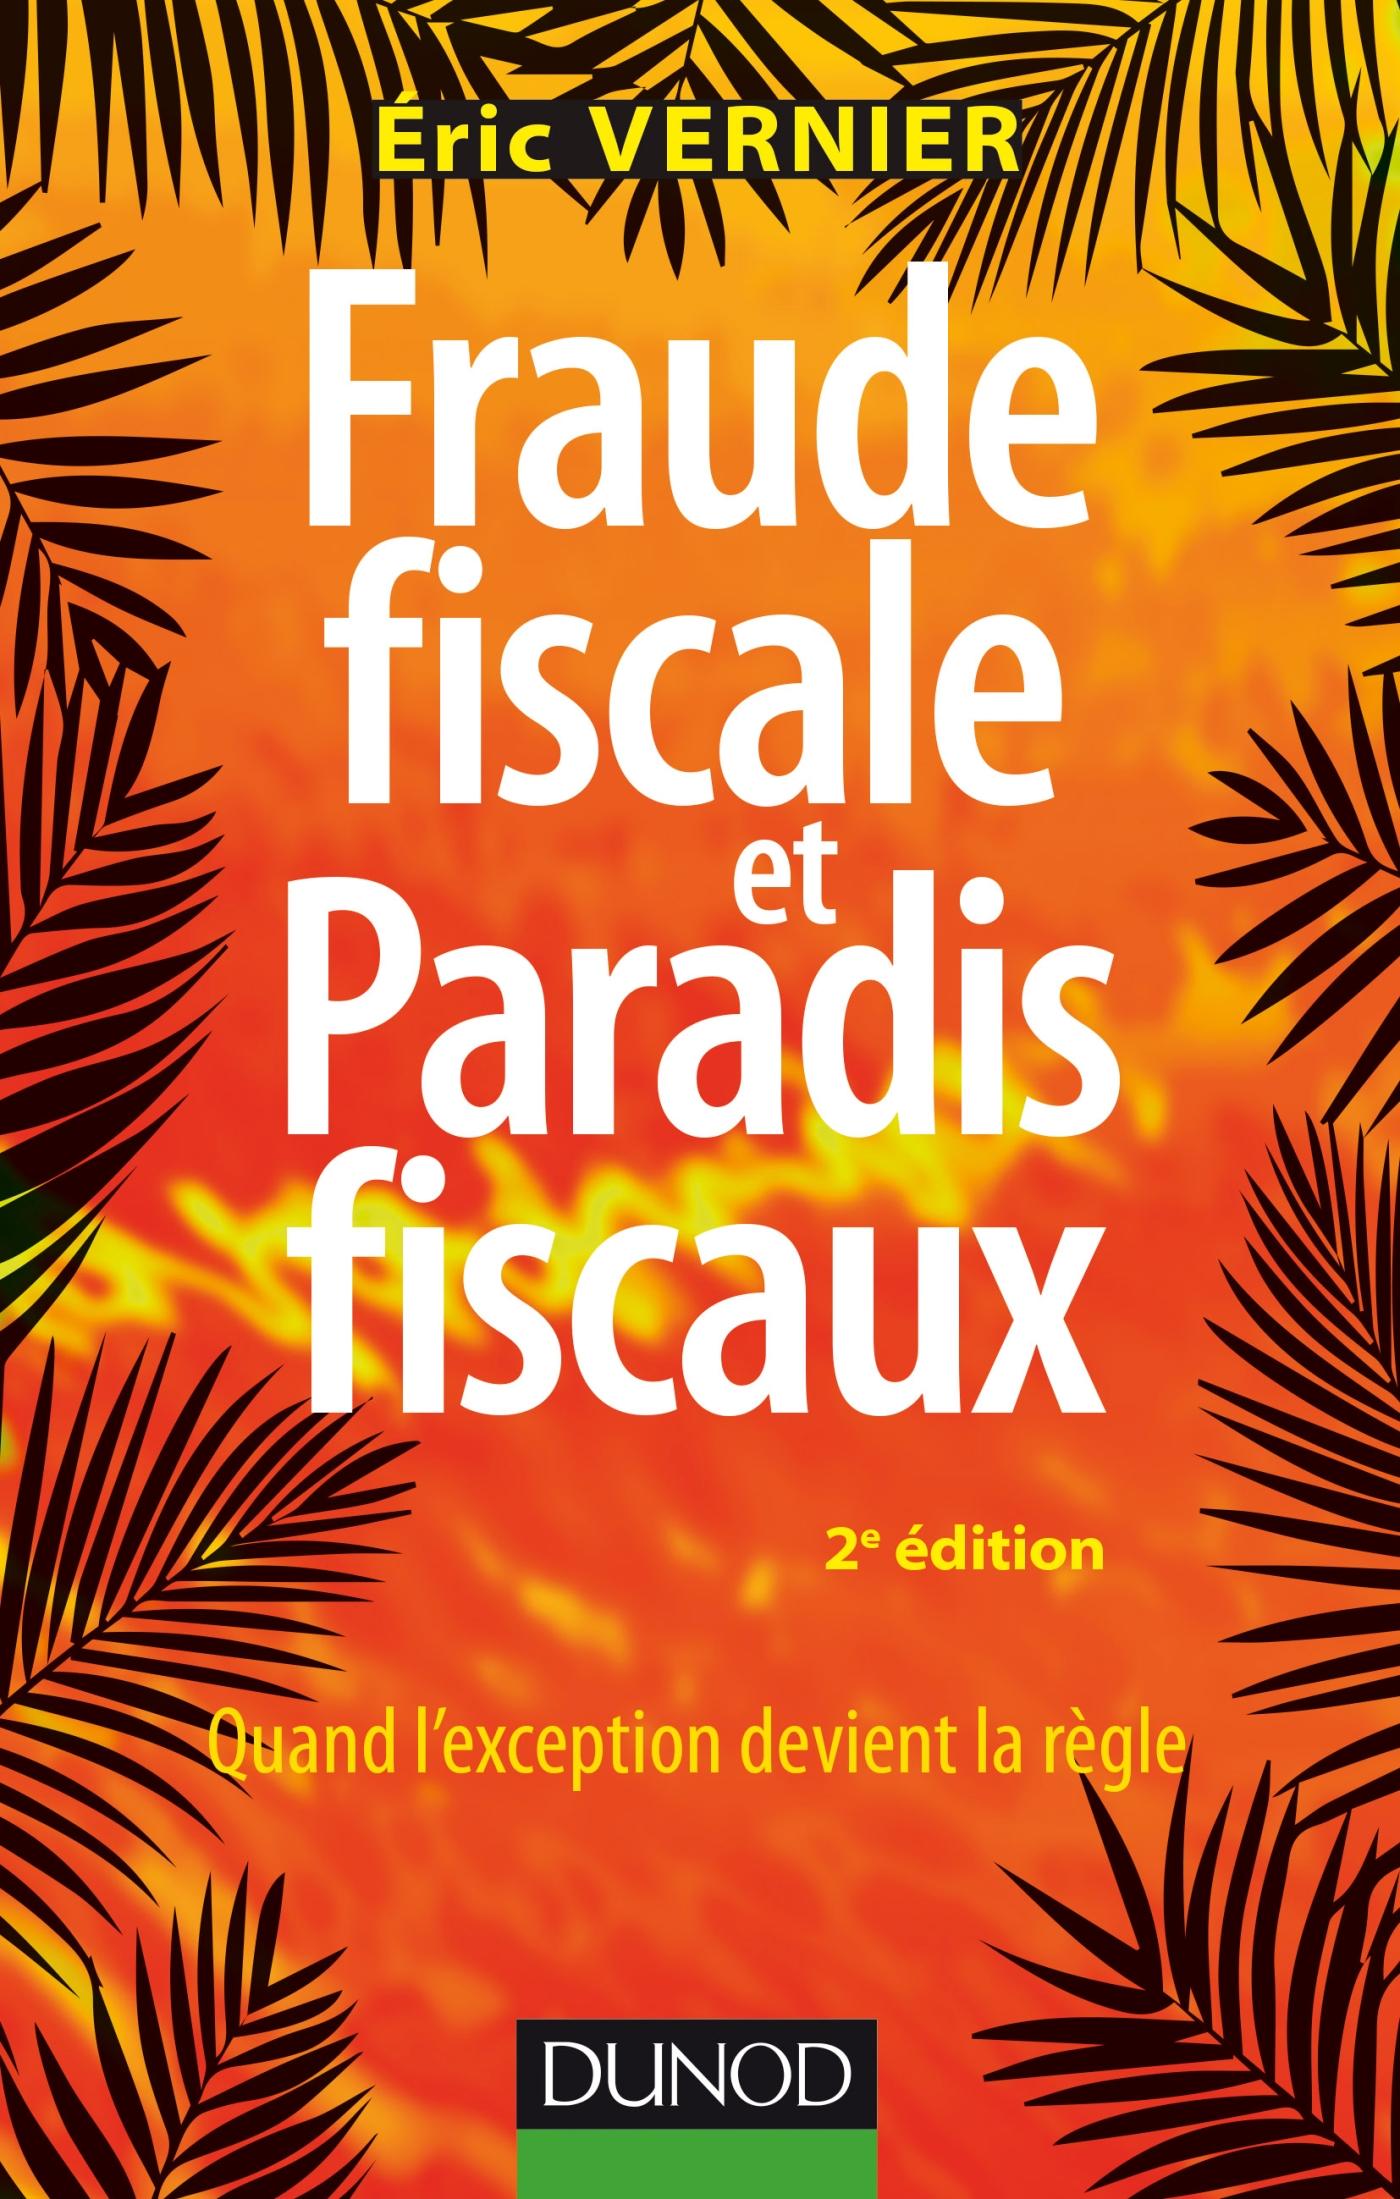 Fraude fiscale et paradis fiscaux - 2e éd.